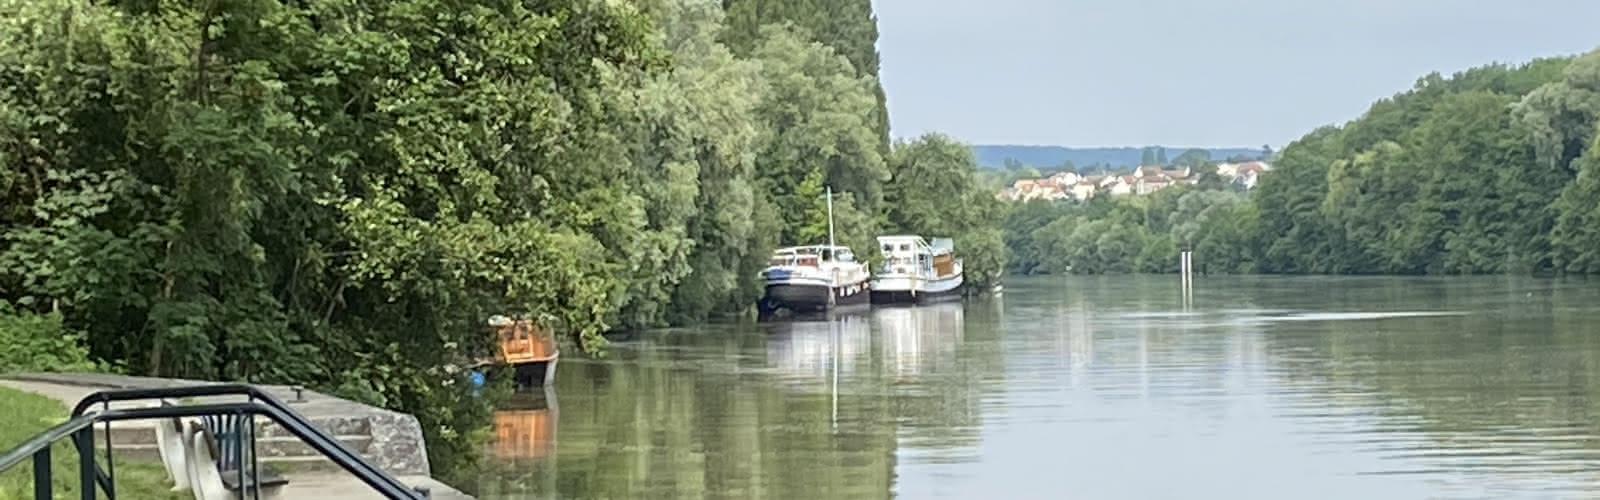 Bords de l'Oise vue sous le pont à Auvers